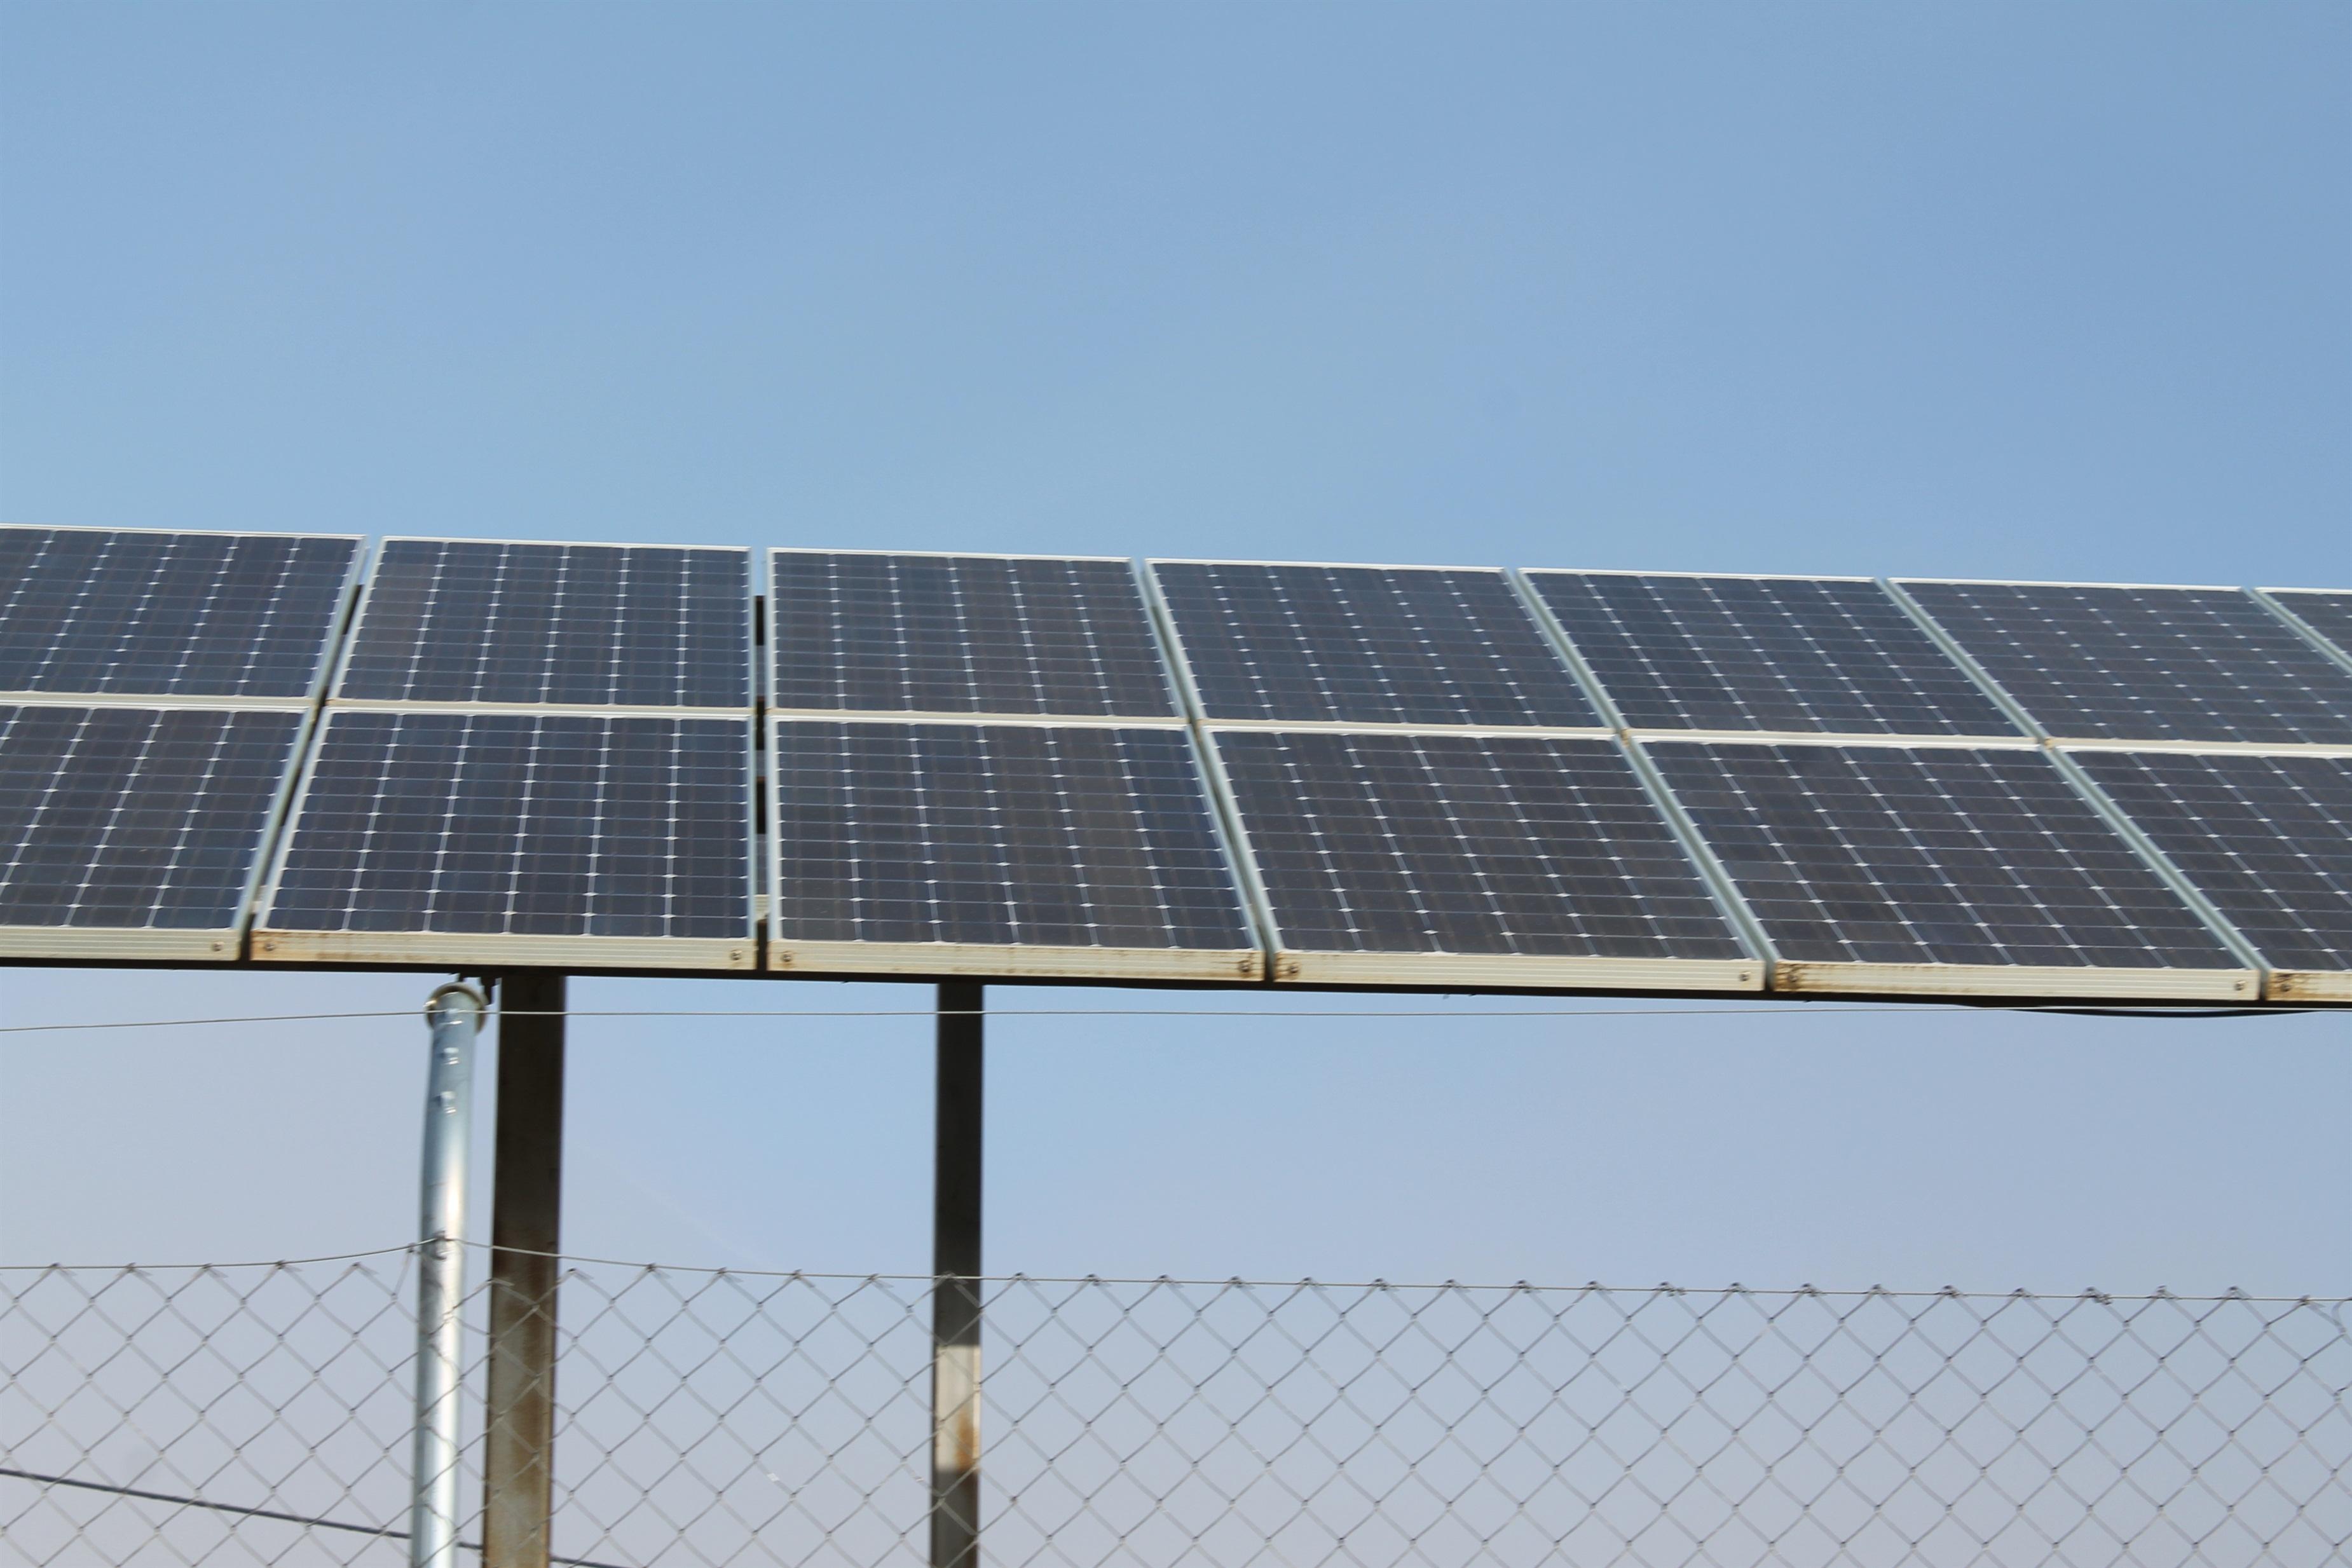 La UE y China negocian para solucionar el conflicto de los paneles solares